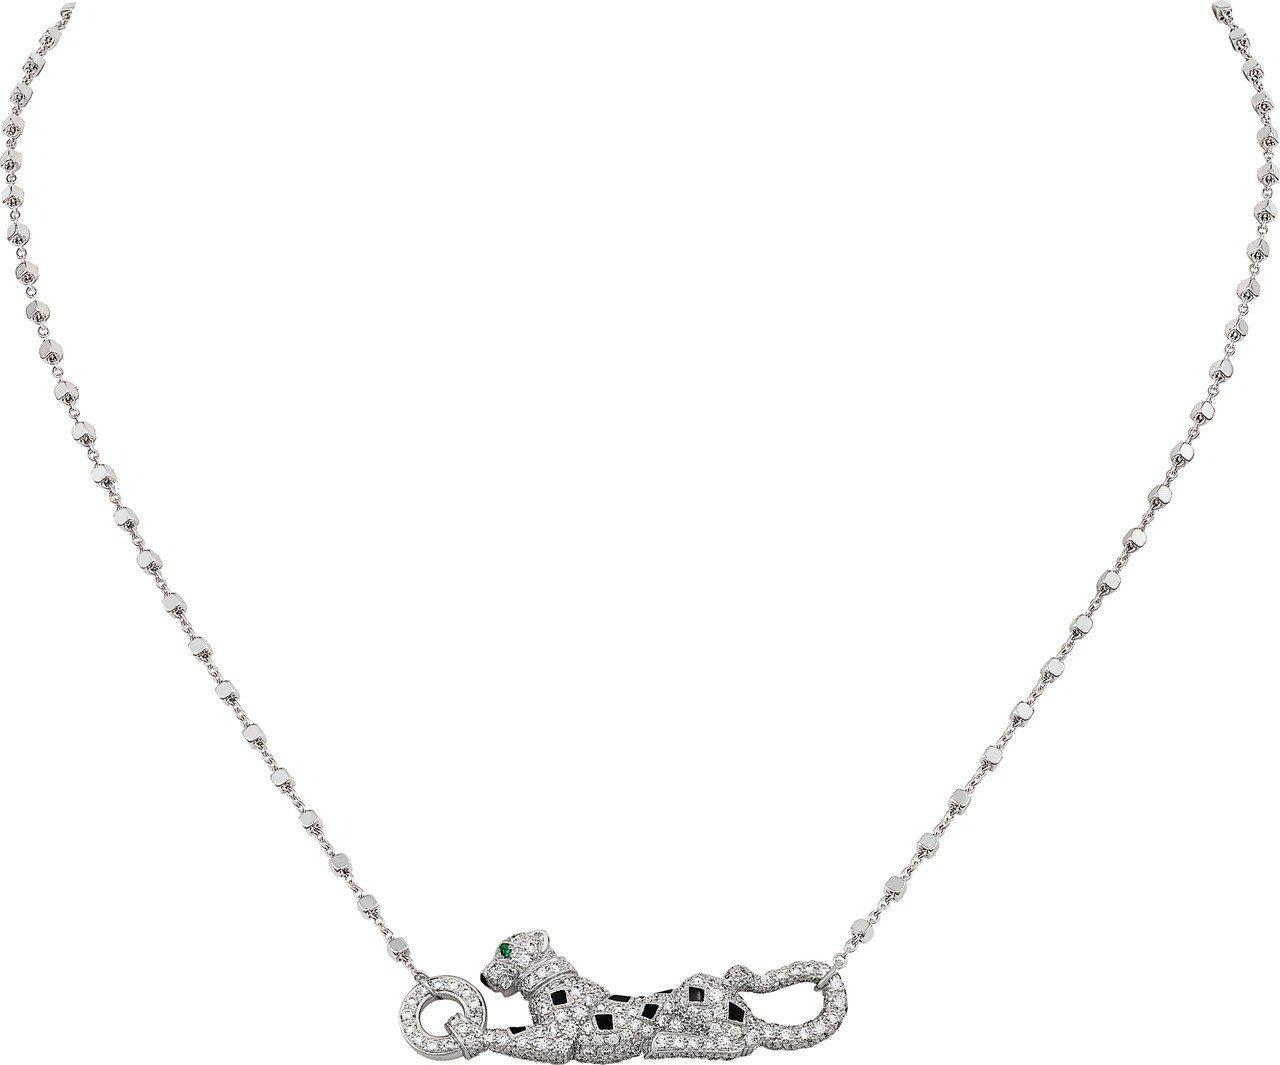 卡地亞 Sweet Demoiselle 趴豹鋪鑽項鍊,75萬元。圖/卡地亞提供